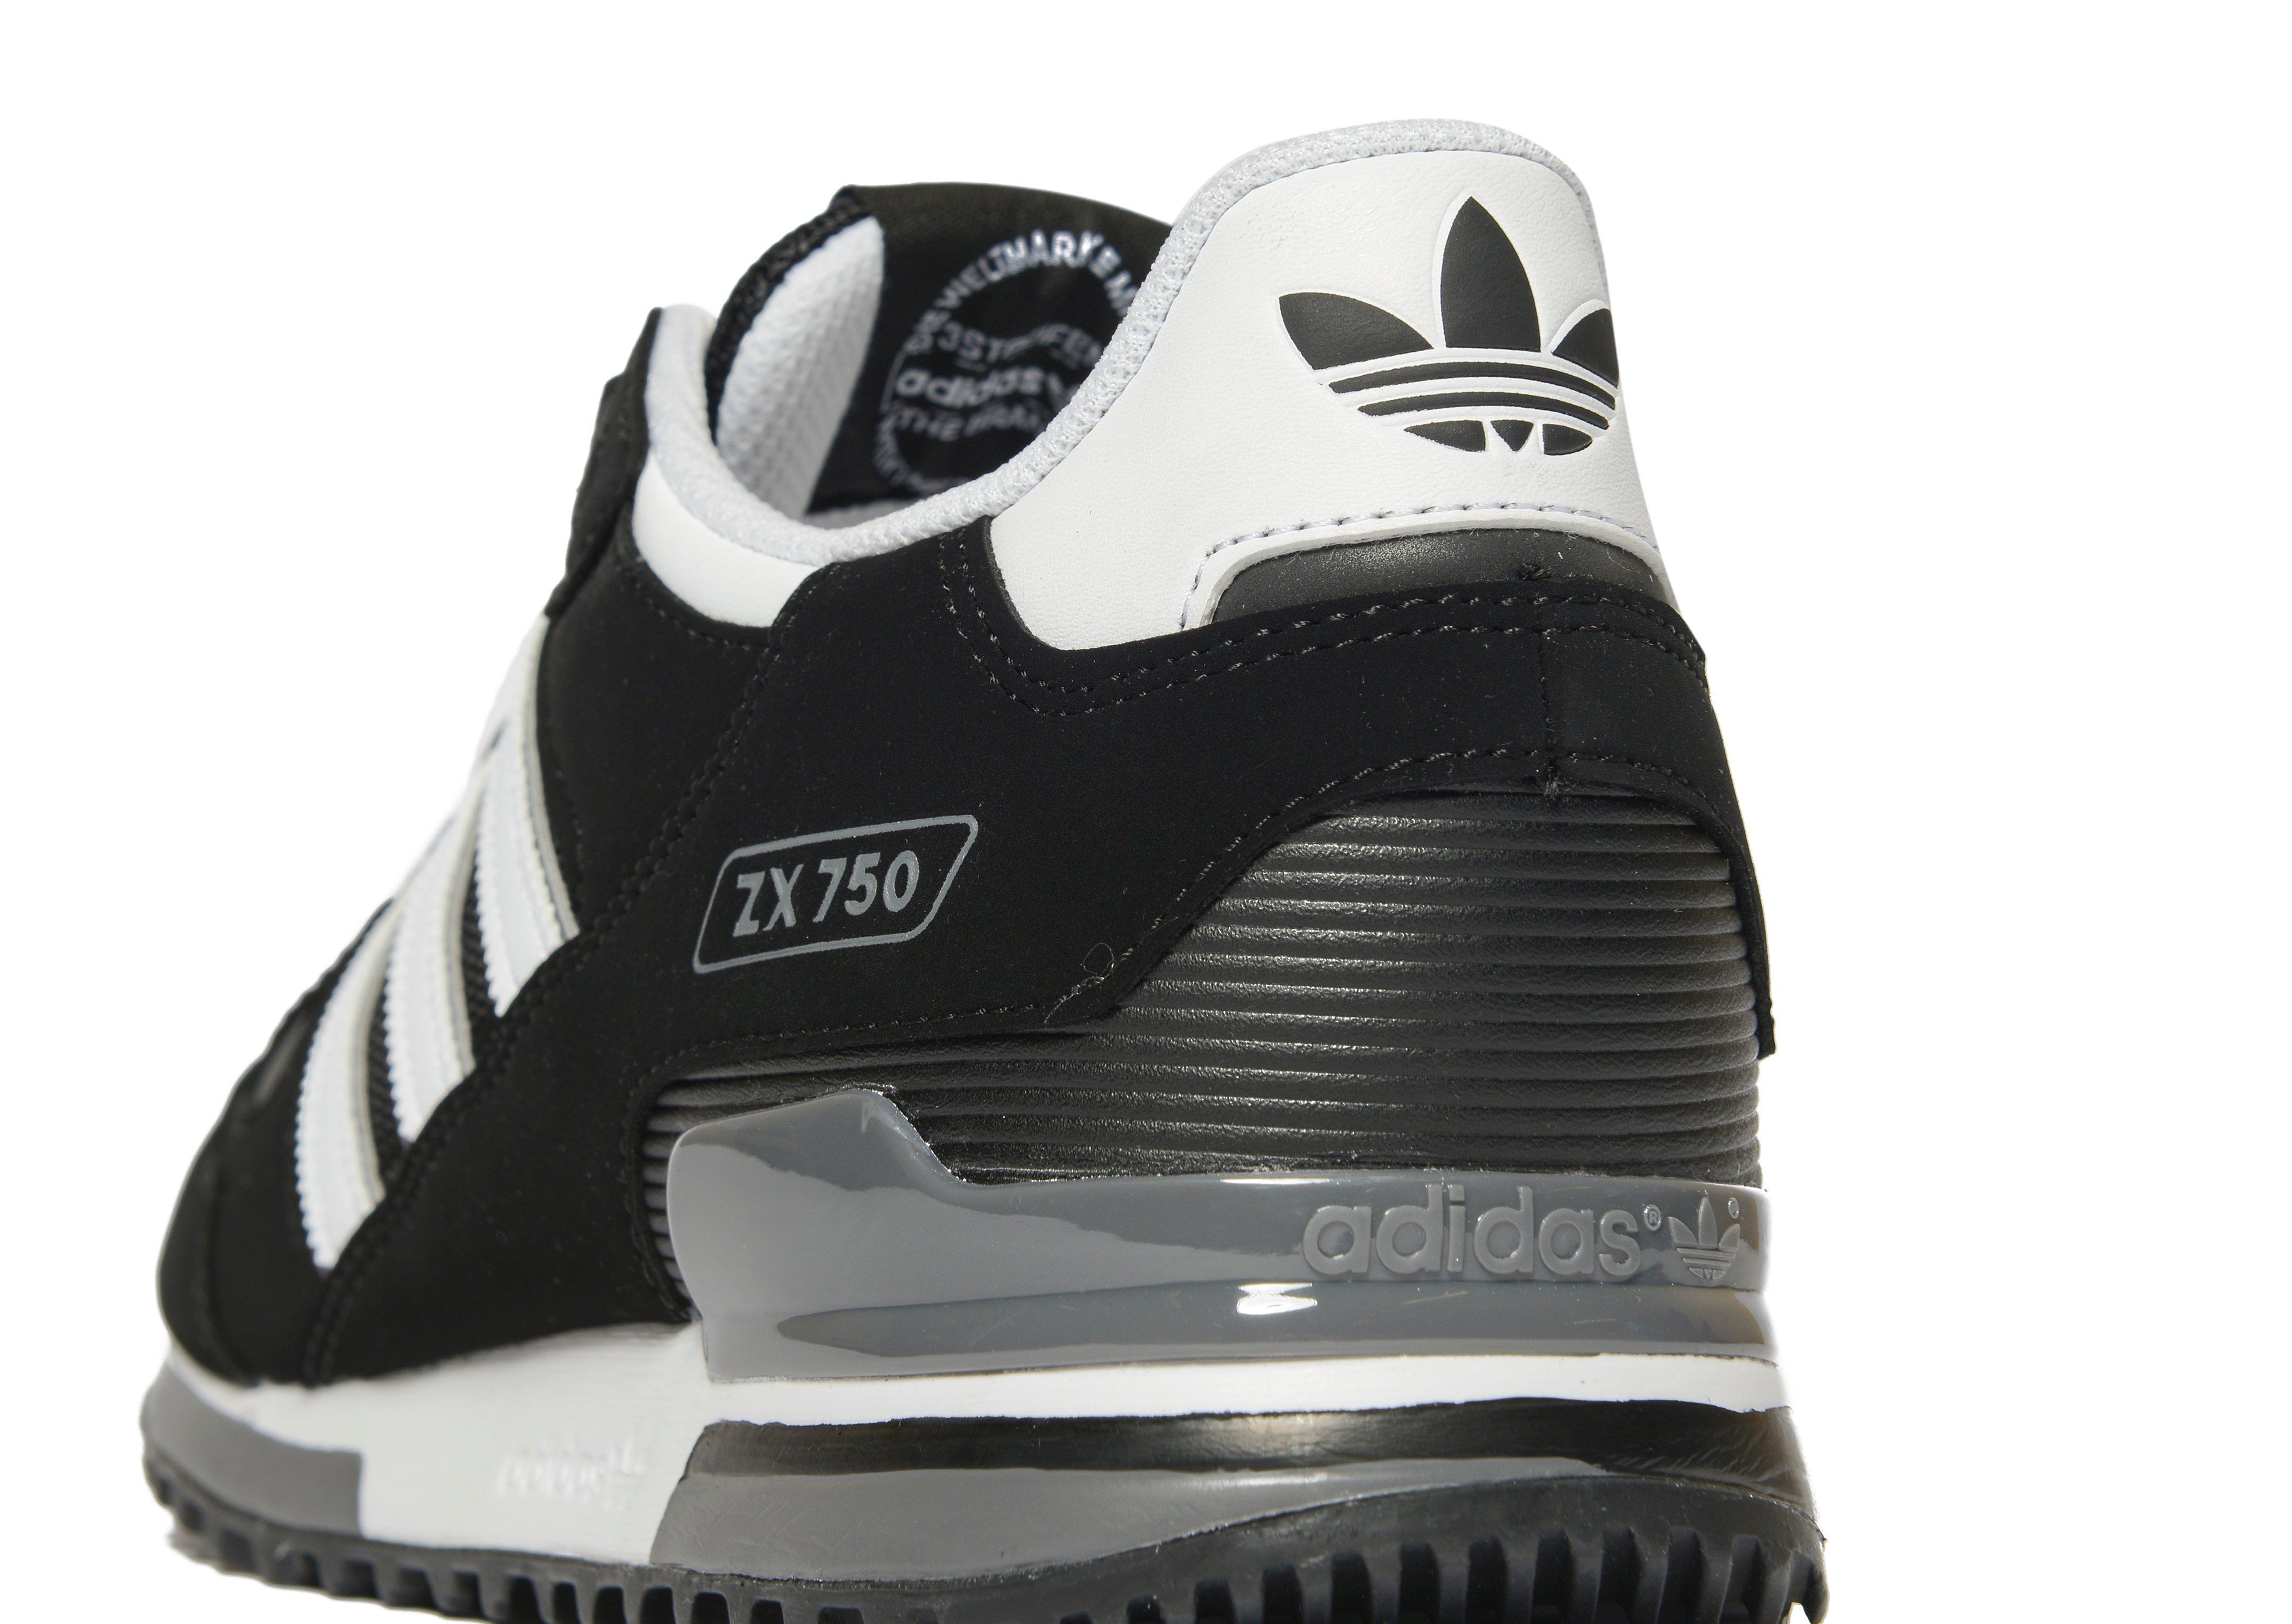 773c738f7658 Trouver les bonnes entreprises de nettoyage basket adidas homme zx 750 est  l'une des taches les plus difficiles, que ce soit une entreprise de  nettoyage ...